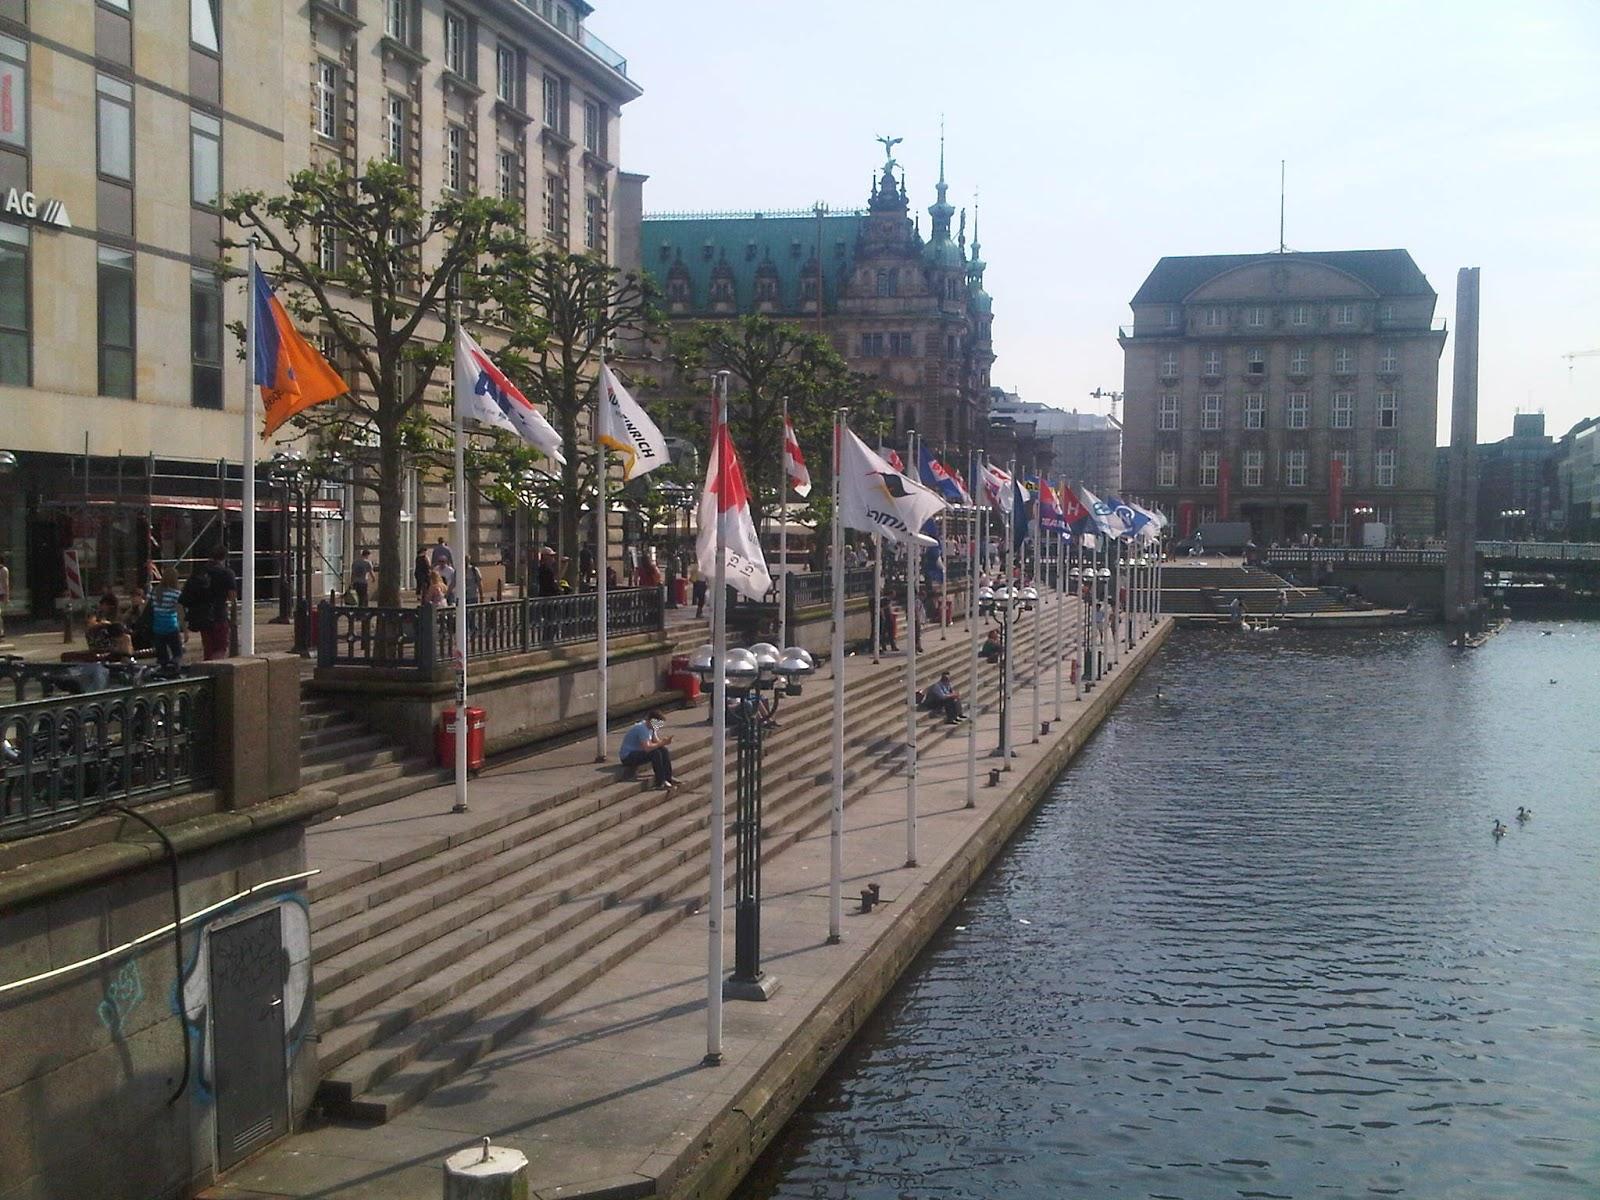 Alster vor dem Rathausplatz, im Hintergrund das Rathaus, die Treppen am Wasser der Alster.